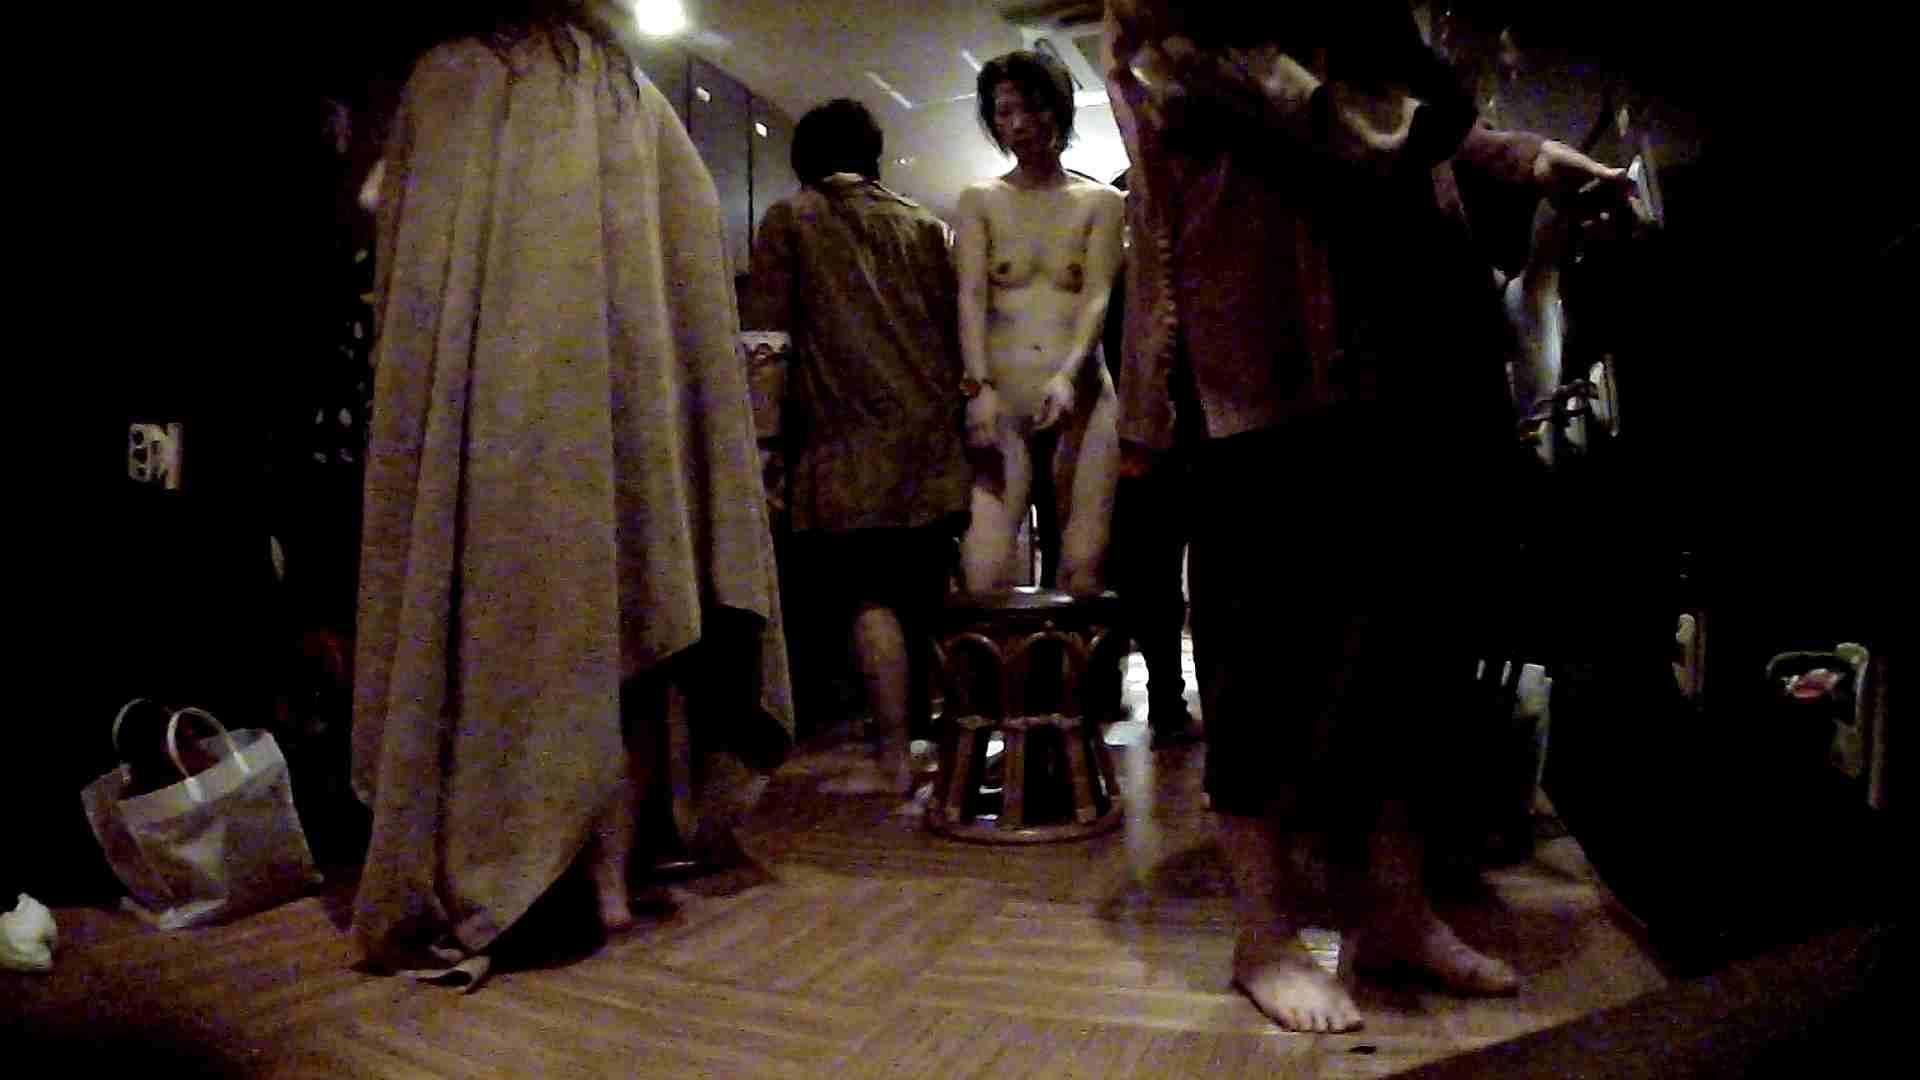 ヤリマンのオマンコ:脱衣所!オムニバス 大混雑!注目はあの人の御御足でしょう。:怪盗ジョーカー